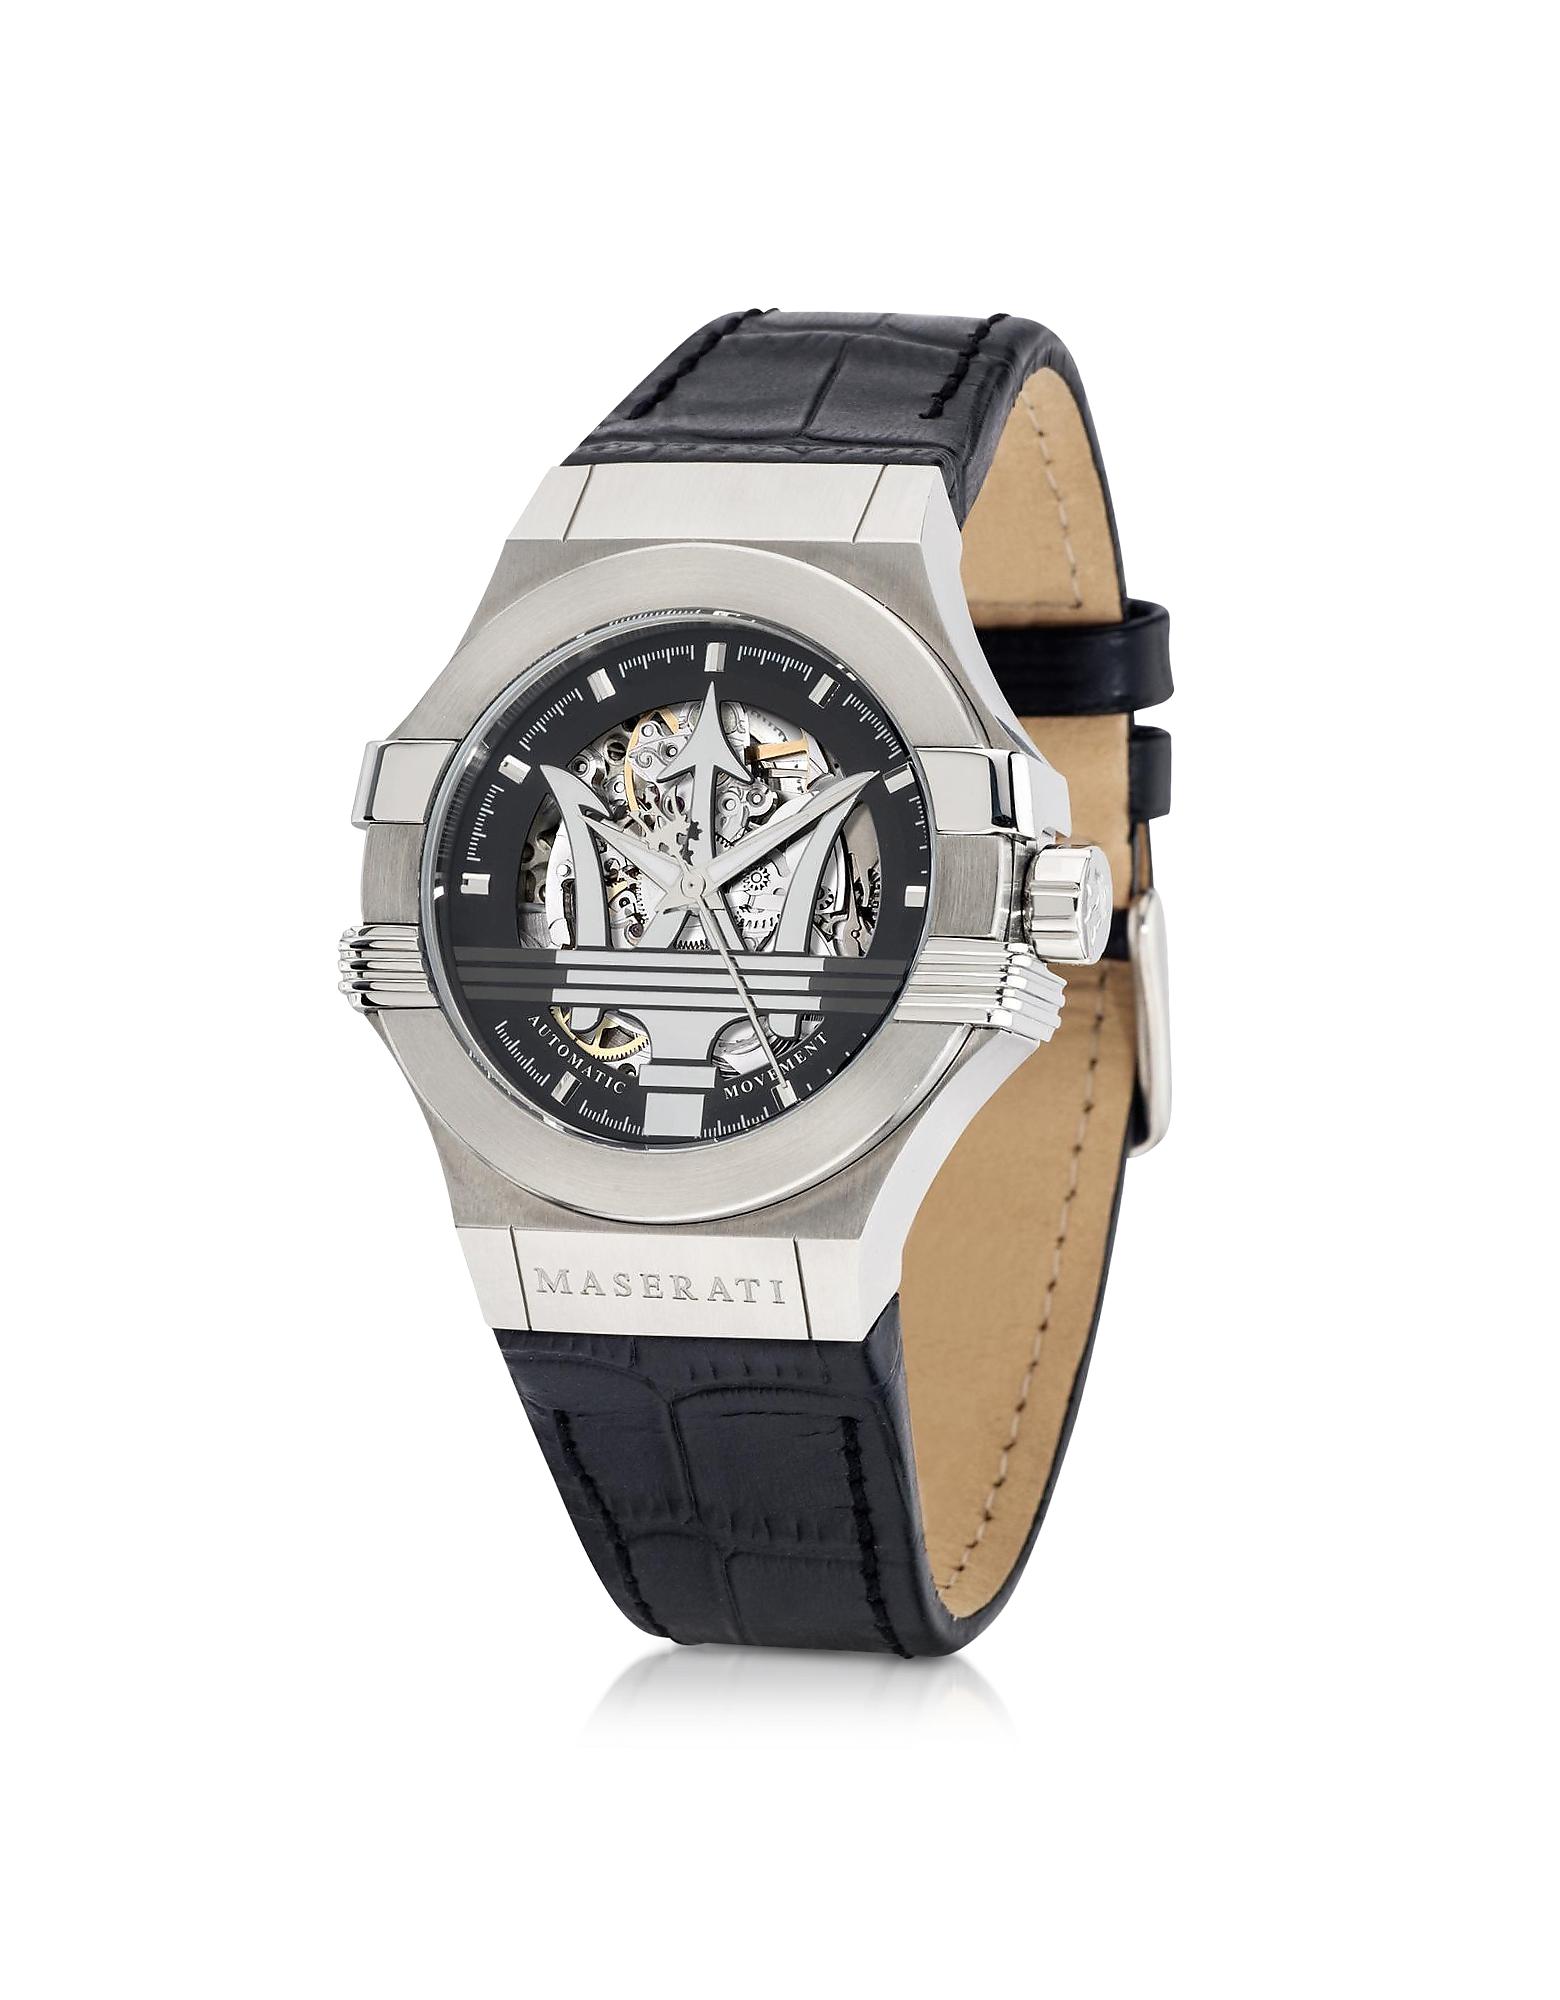 Potenza Auto - Серебристые Мужские Часы с Черным Циферблатом на Кожаном Ремешке